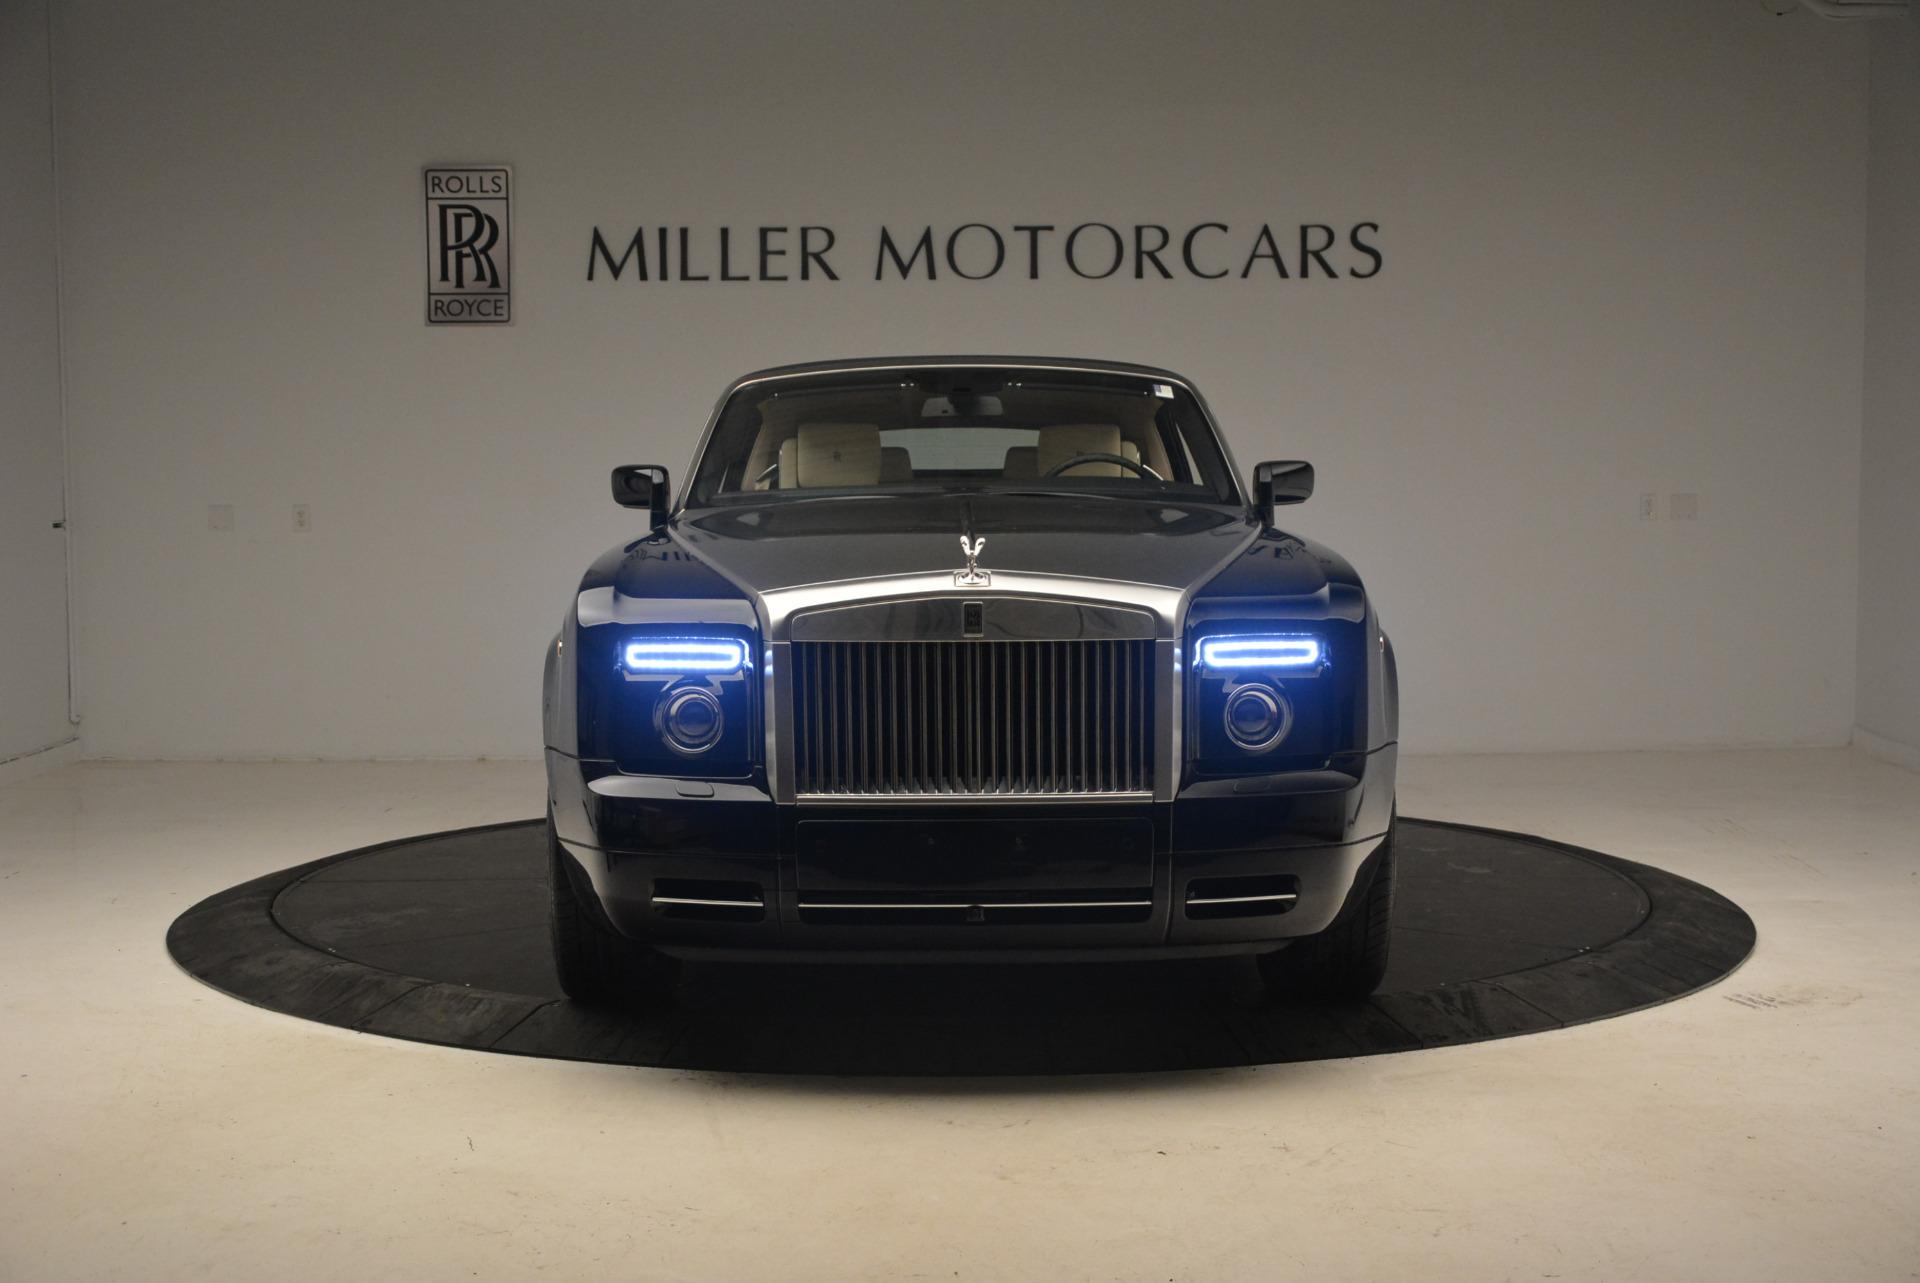 Used 2009 Rolls-Royce Phantom Drophead Coupe  For Sale In Westport, CT 1792_p25